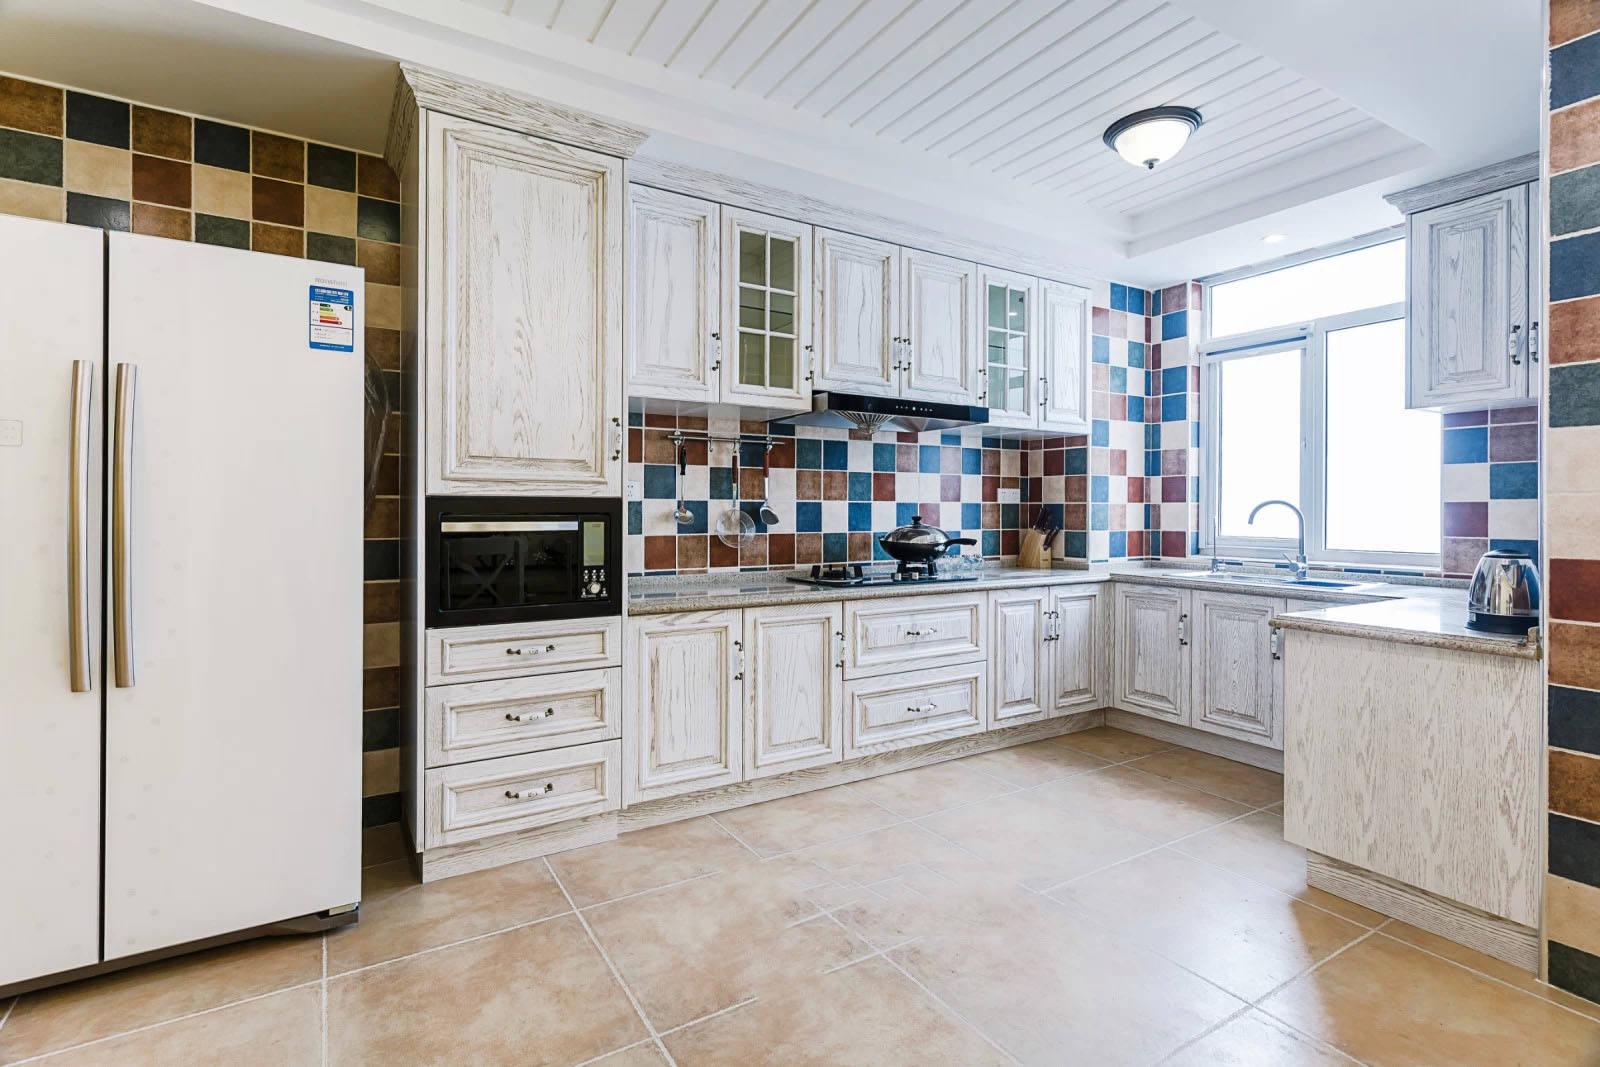 古朴地中海风格厨房整体橱柜设计效果图